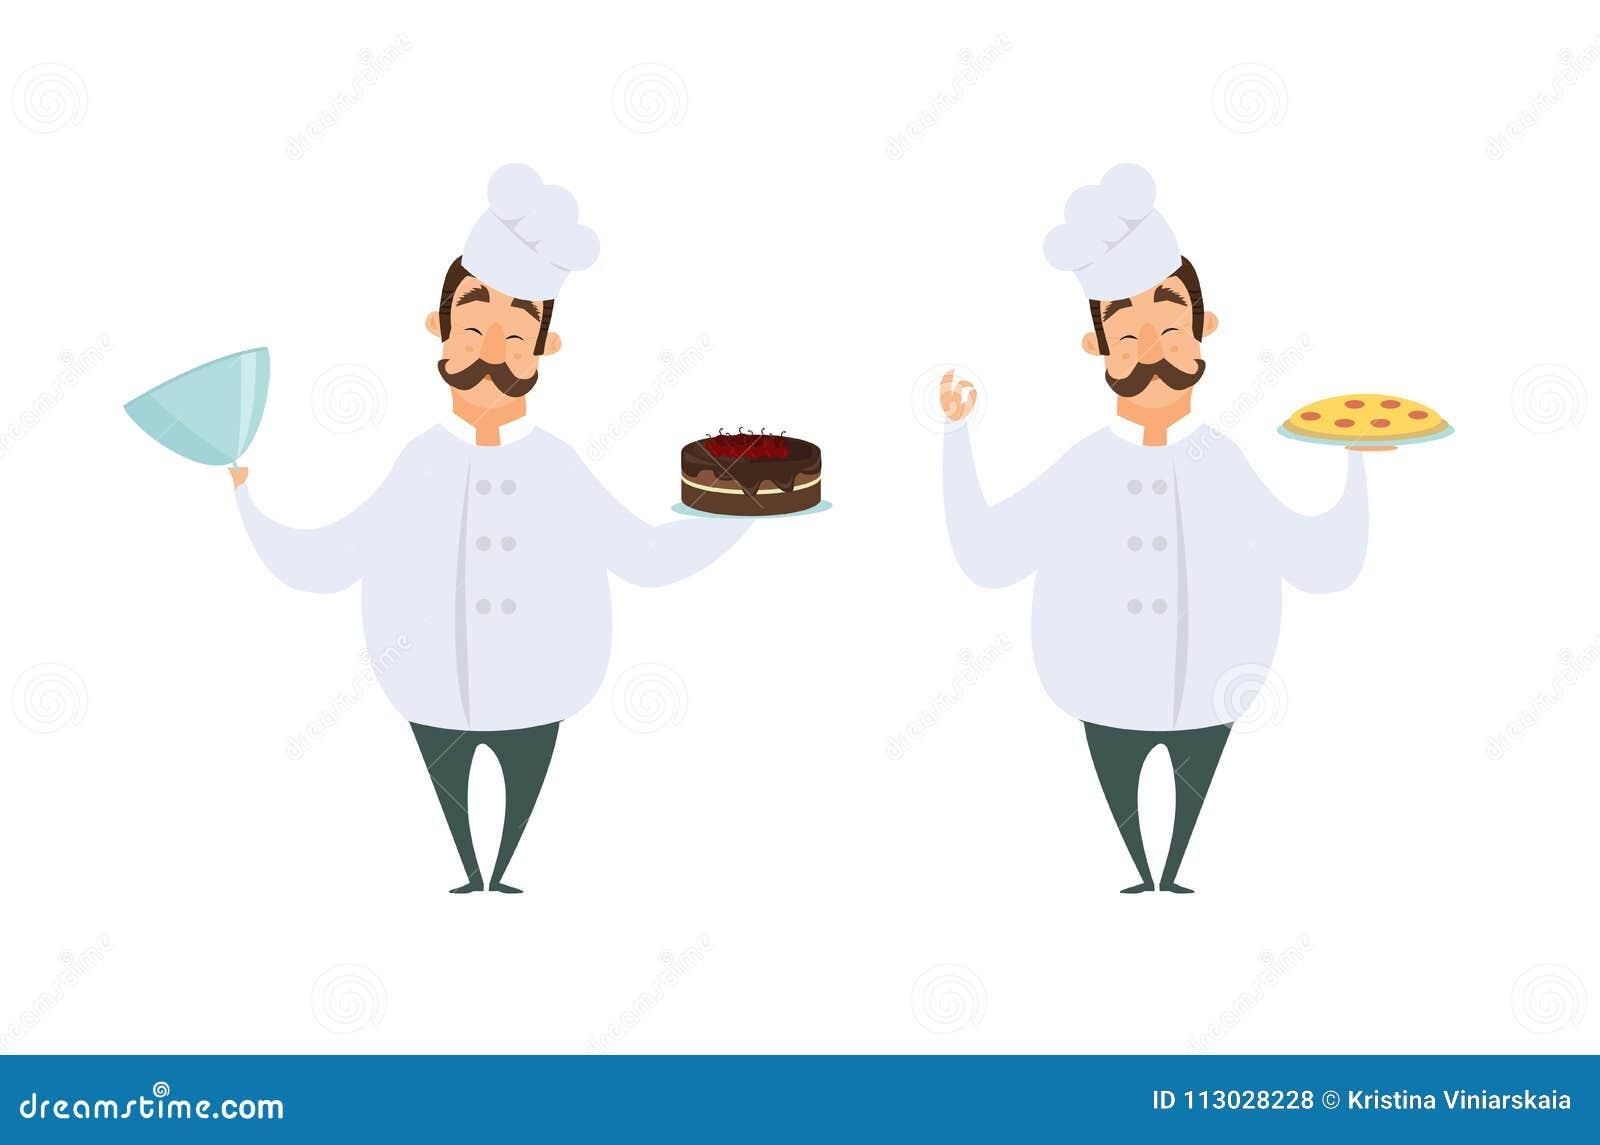 Caracteres divertidos del cocinero en actitudes de la acción